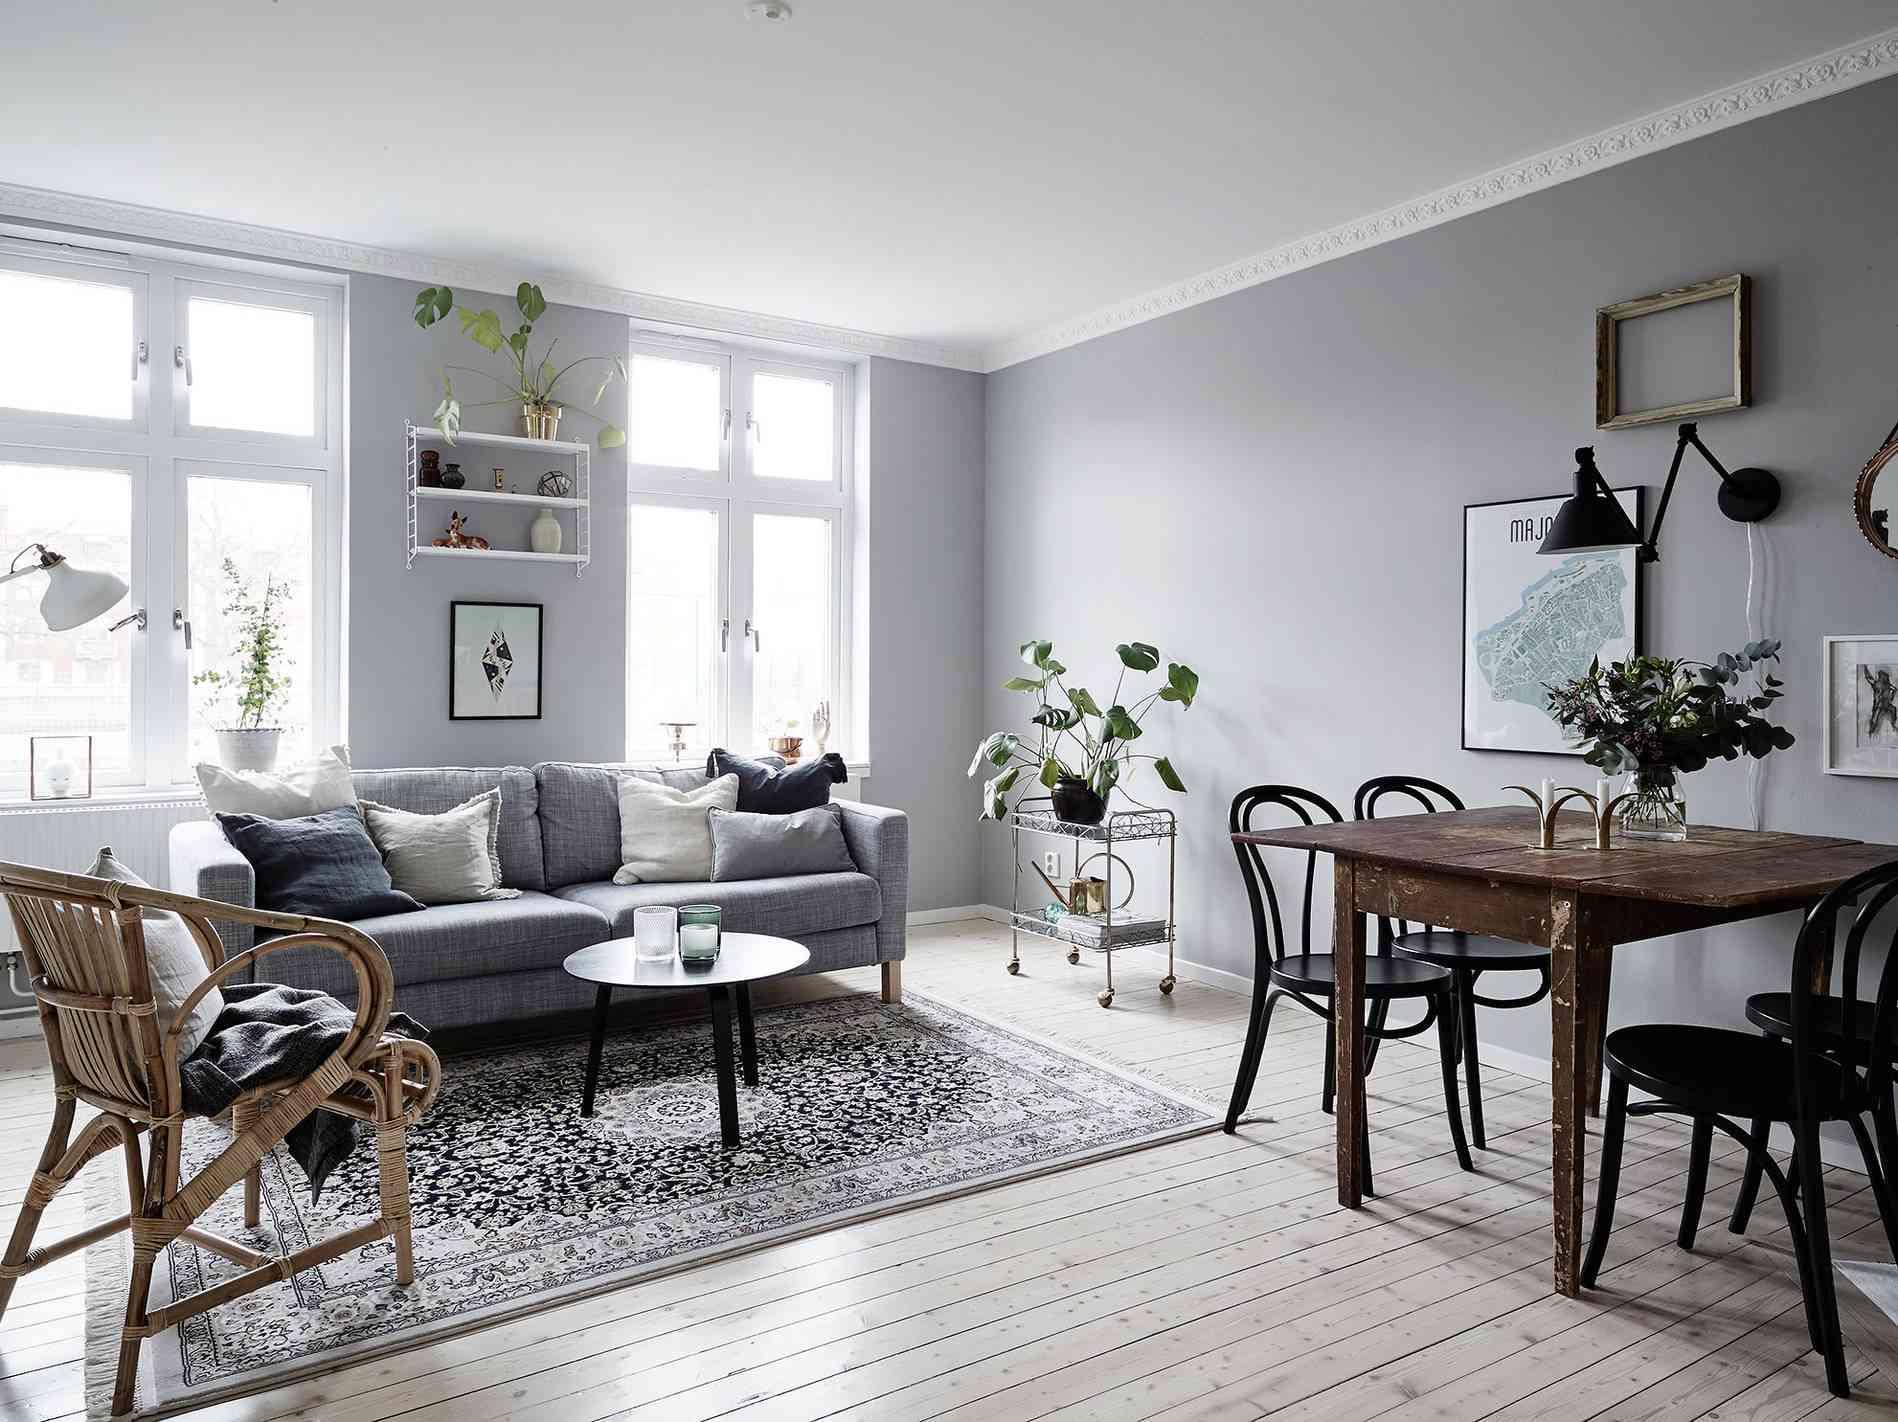 apartamento de estilo nordico I